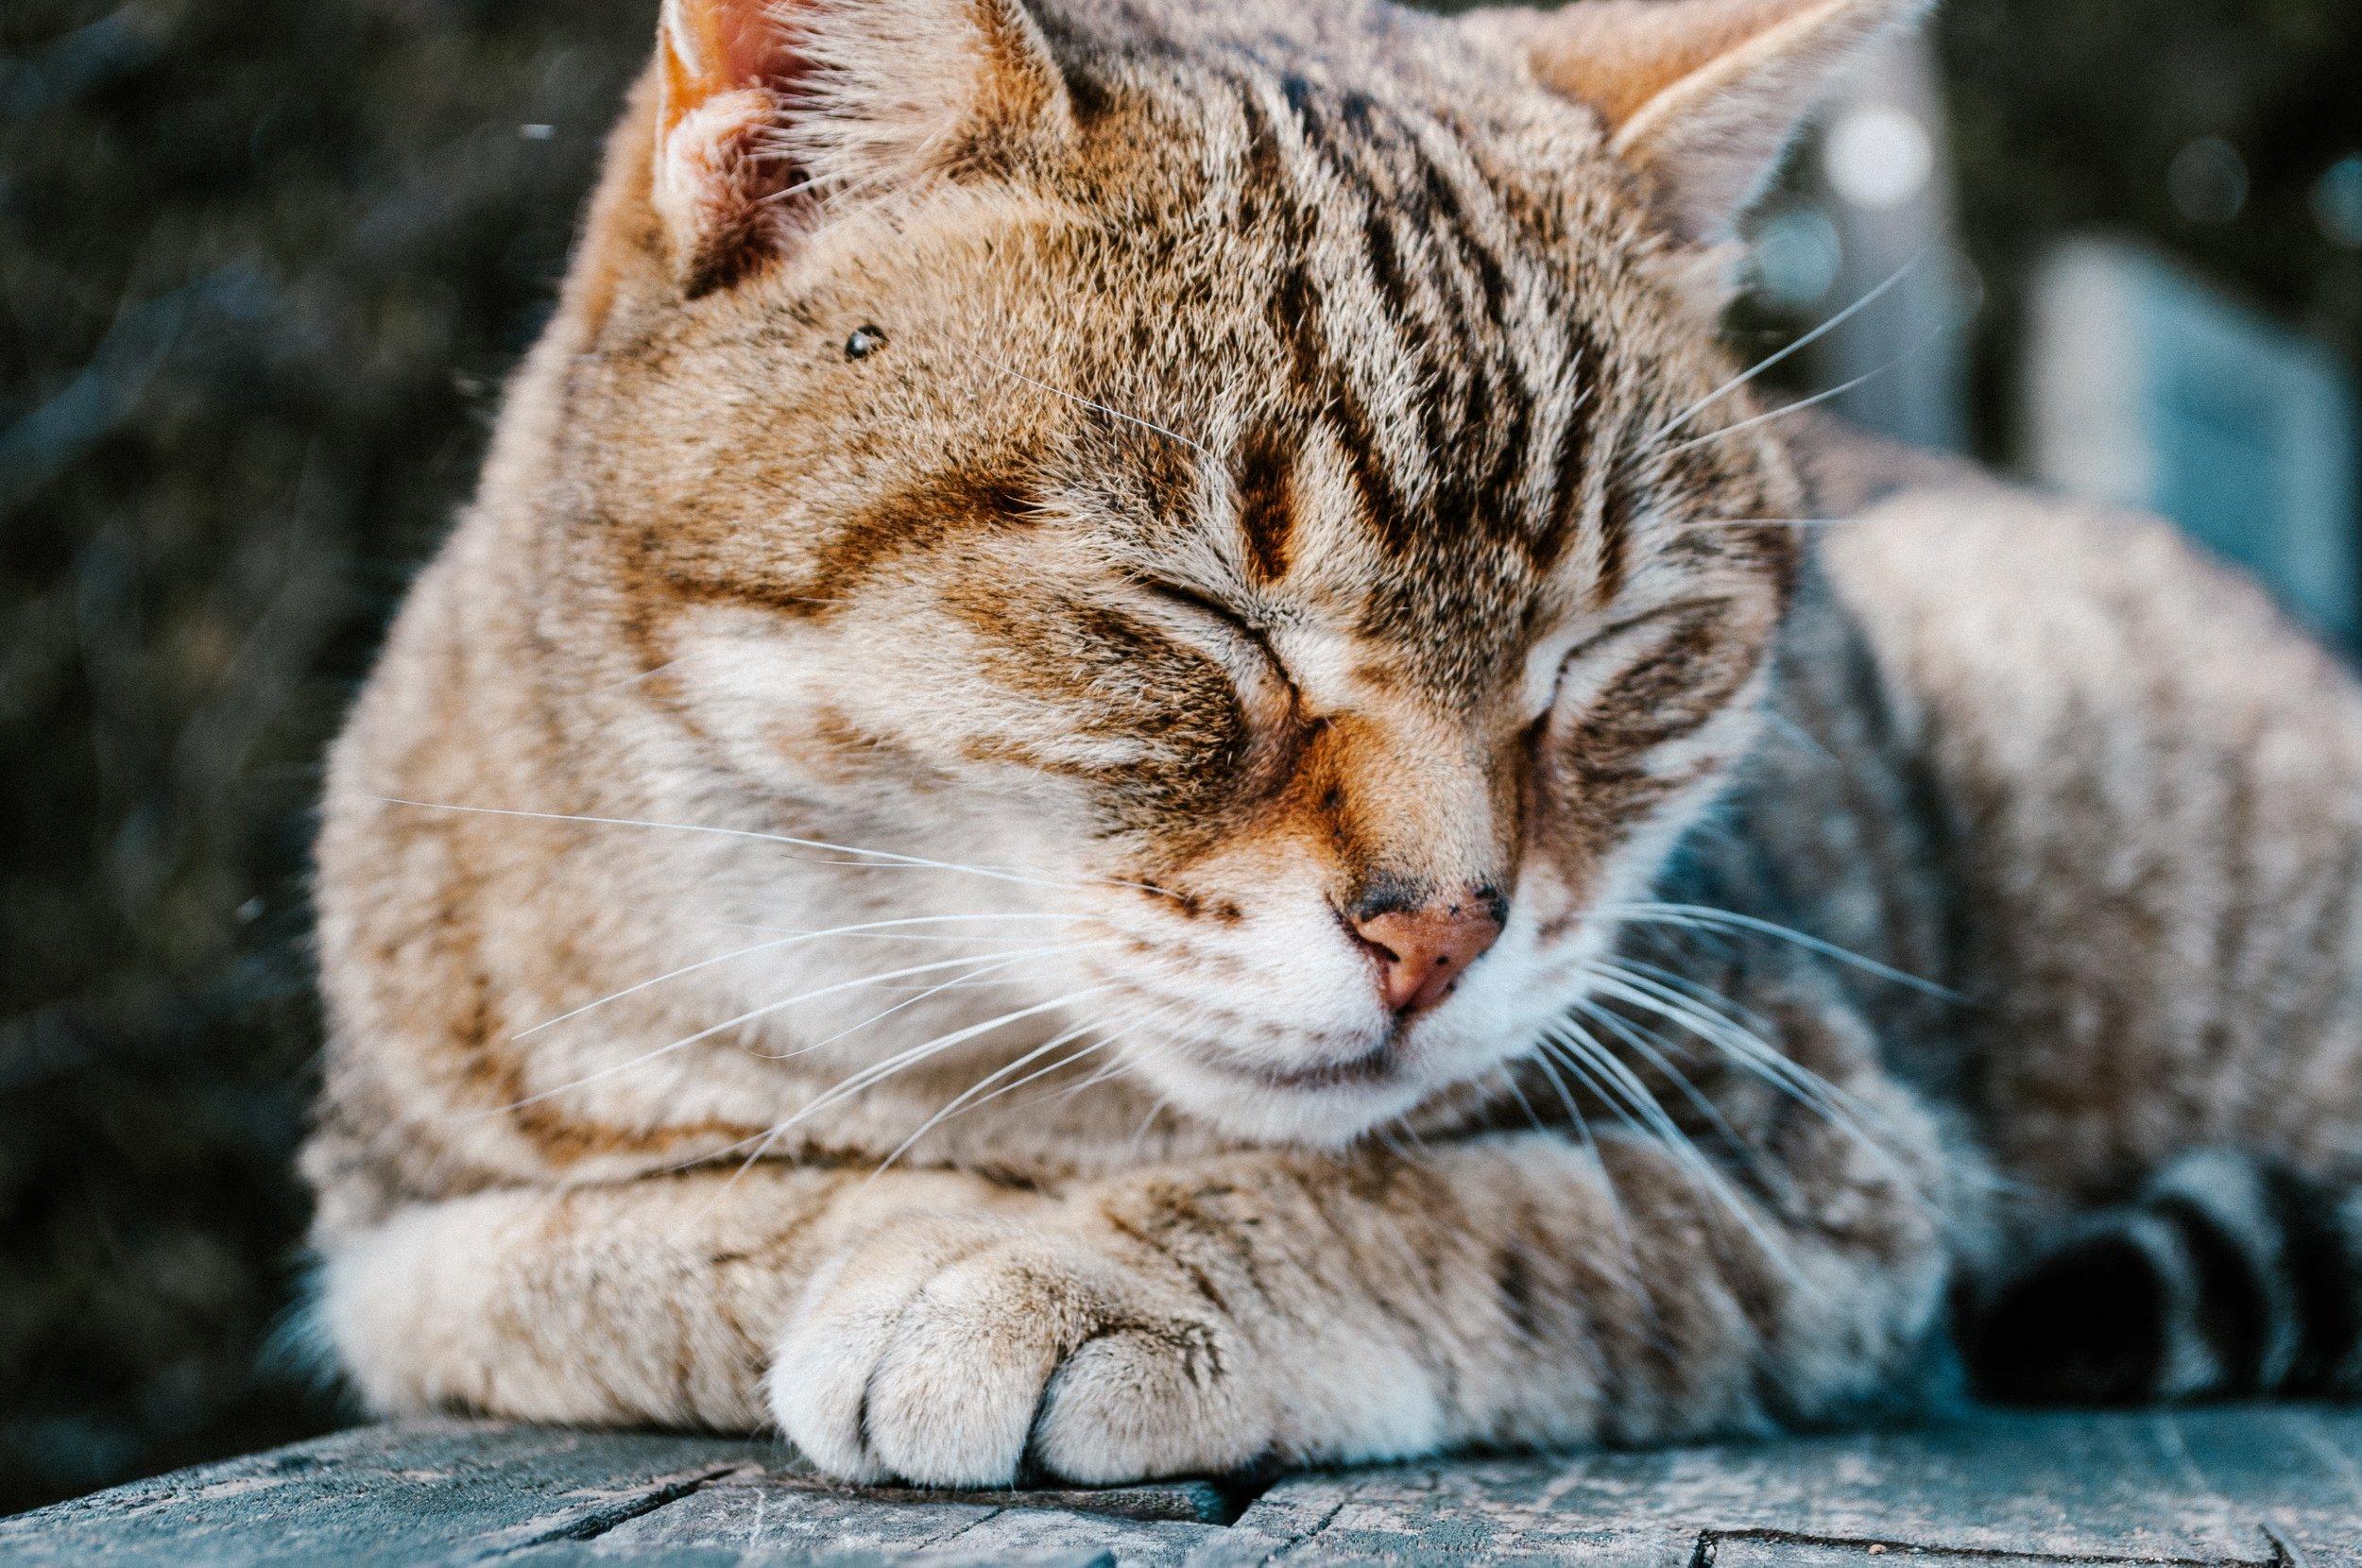 male cats male kittens #malekittens #malecats